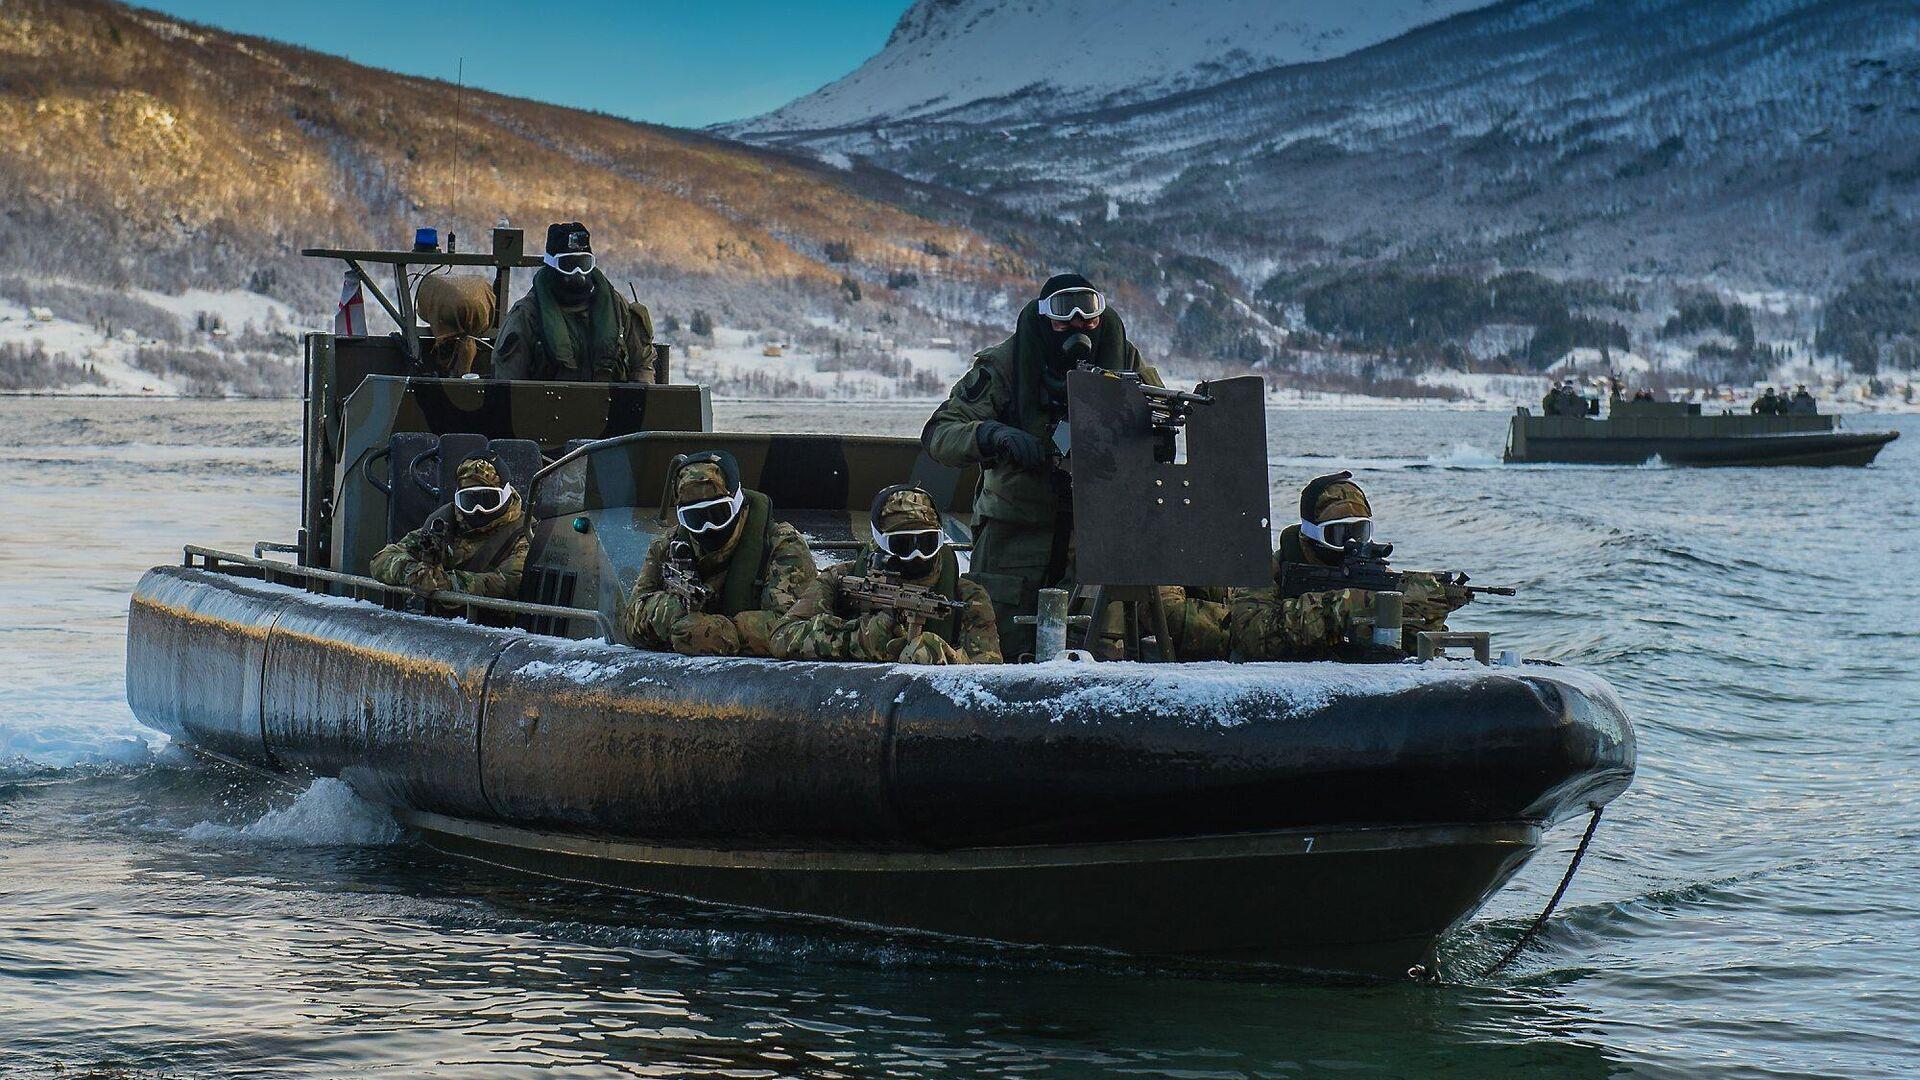 Британские военные во время учений НАТО в Норвегии - РИА Новости, 1920, 02.03.2021